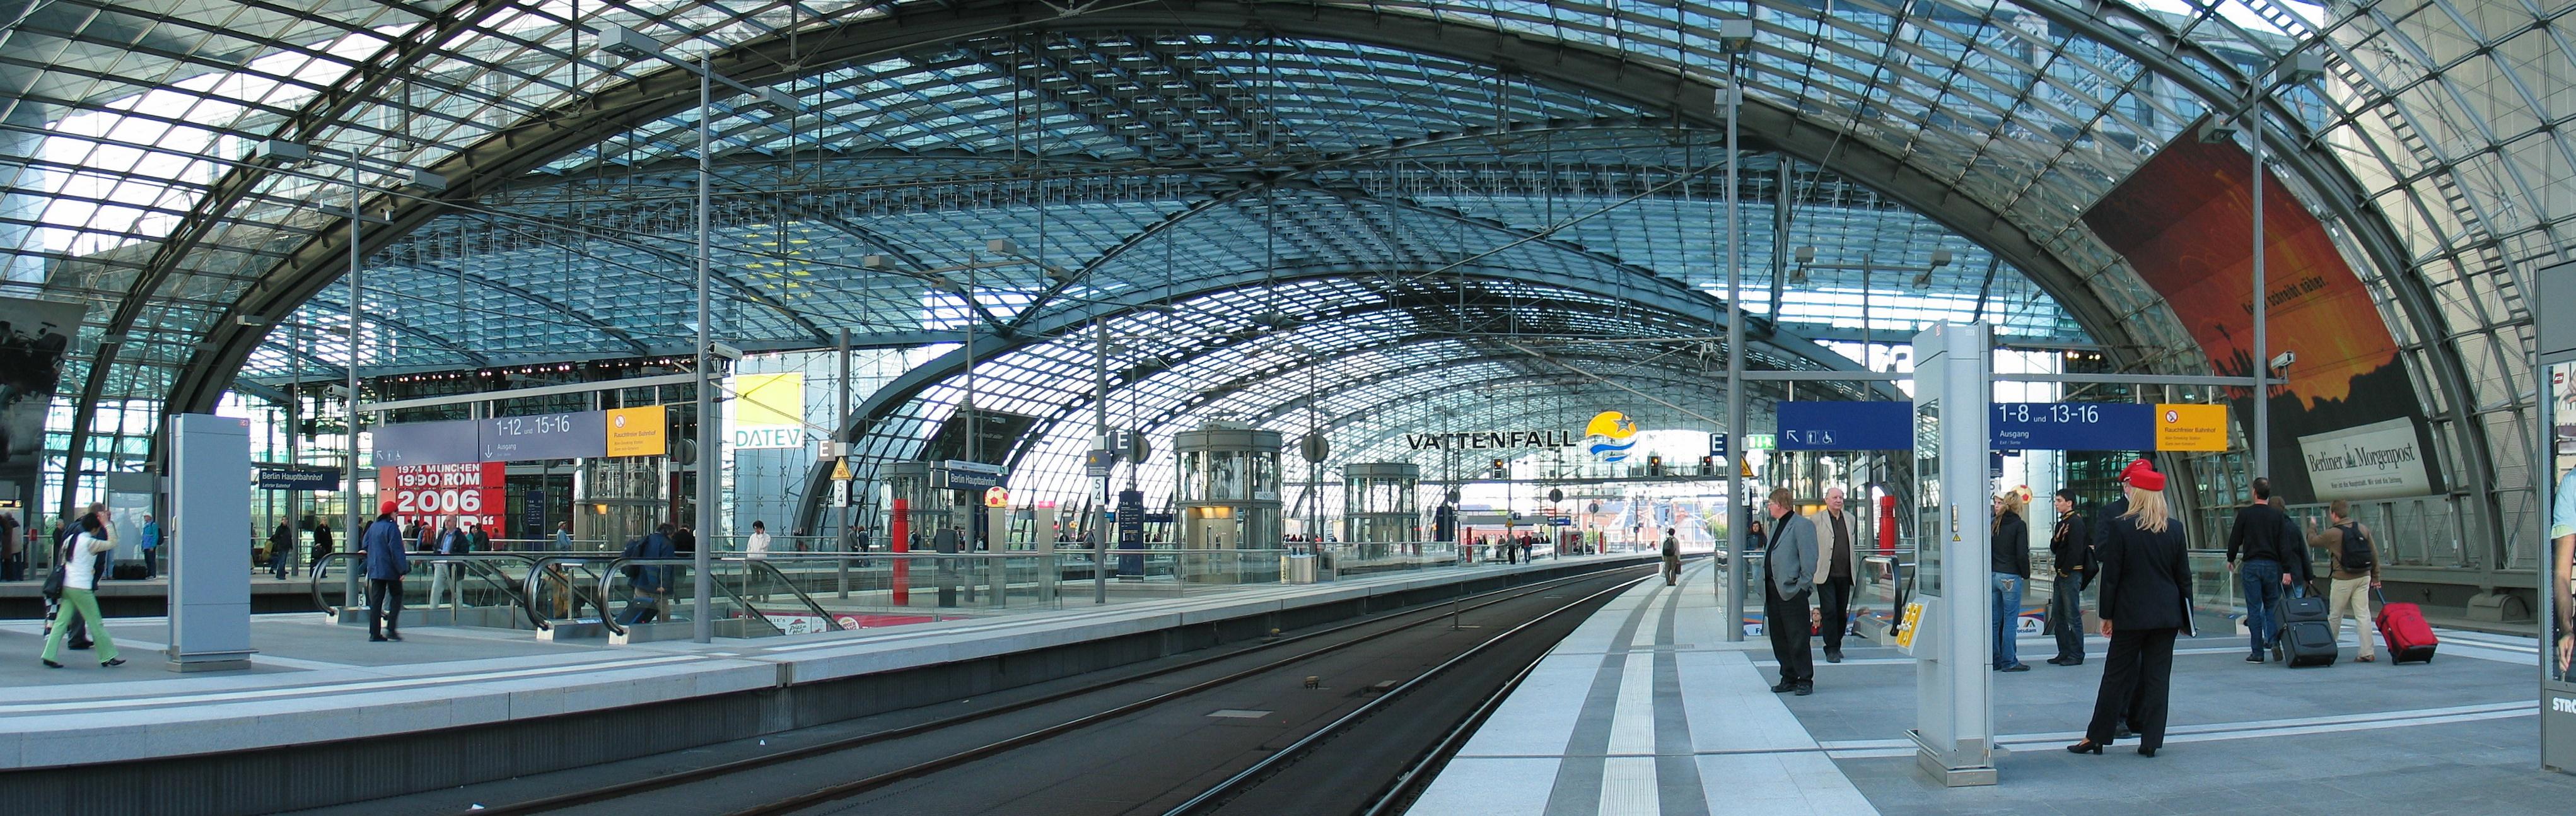 http://upload.wikimedia.org/wikipedia/commons/6/63/Berlin_Hauptbahnhof_pano_06.jpg